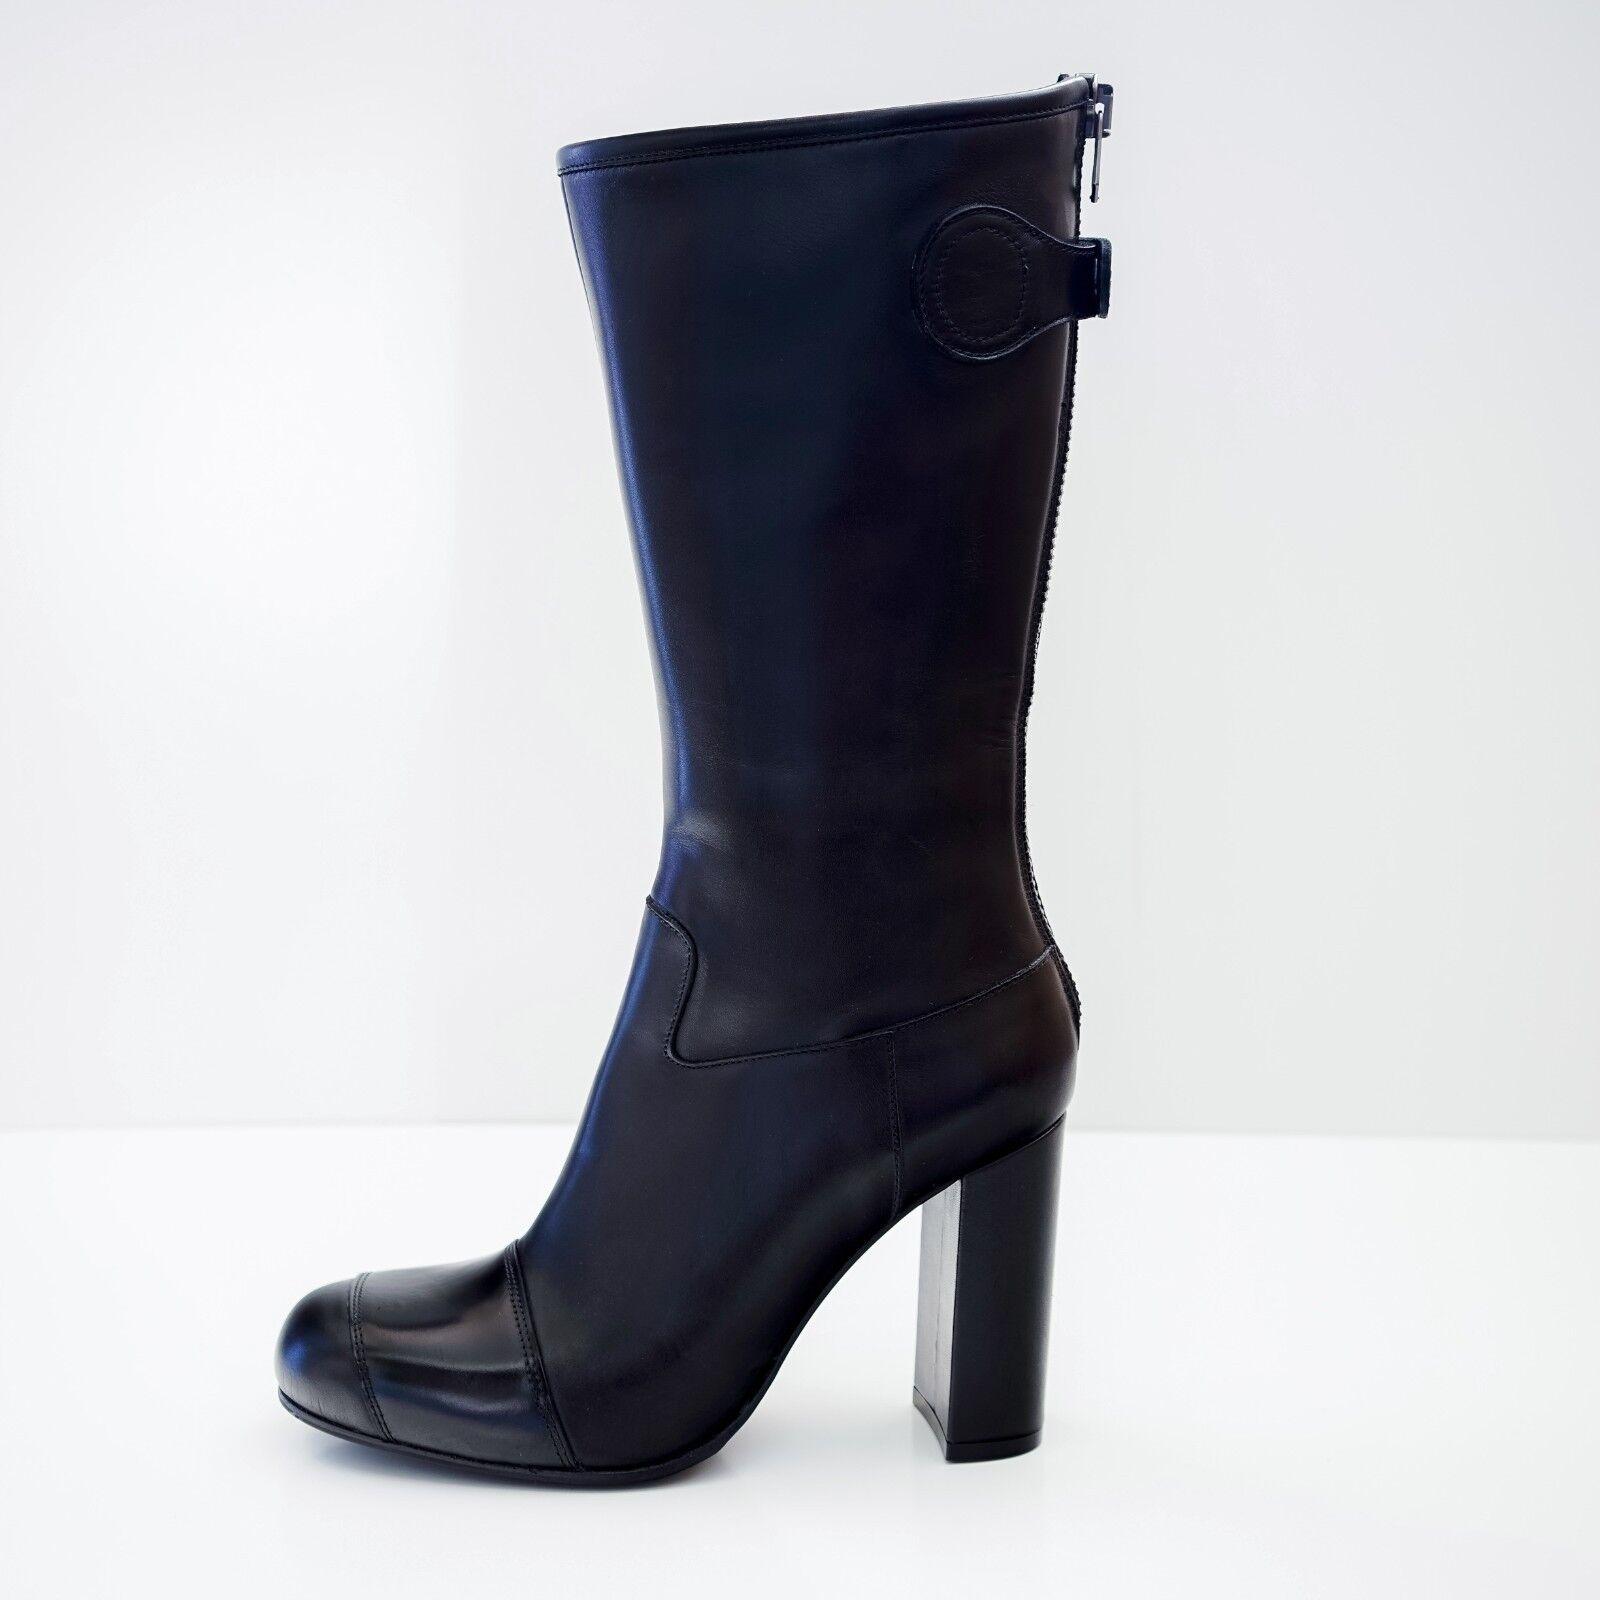 Acne Studios Black Leather Mid-Calf Boots EU 40 US 10